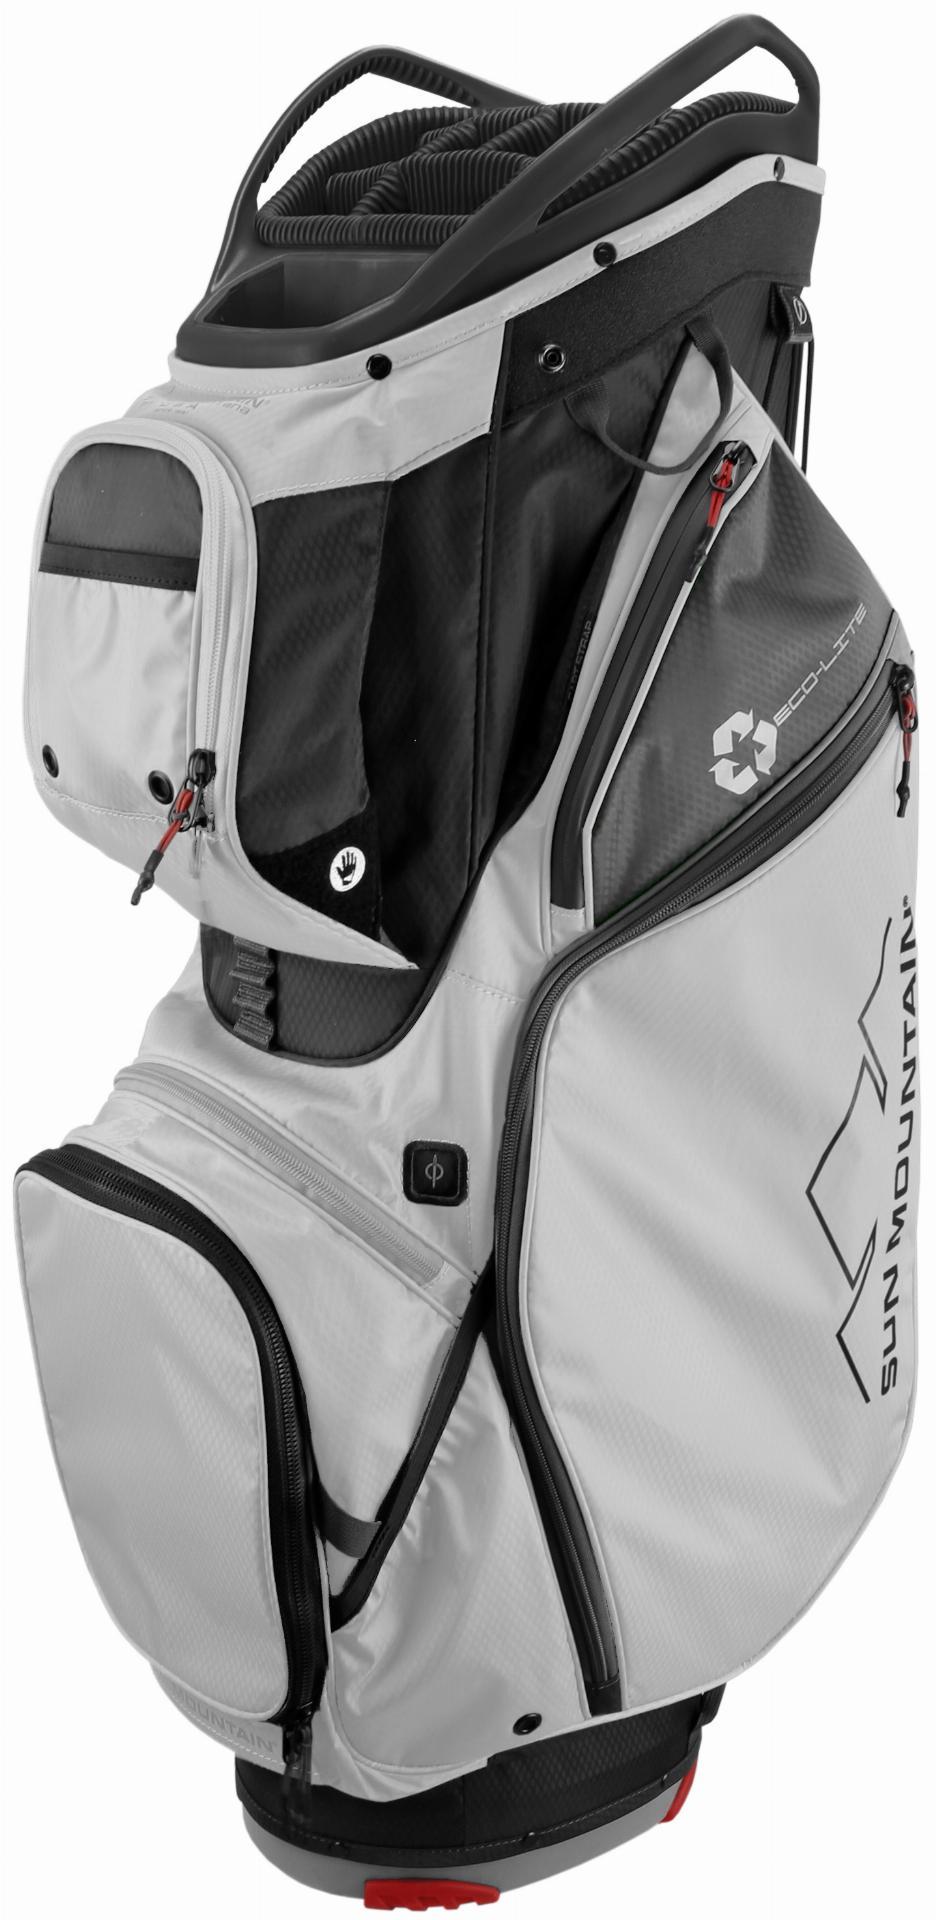 ECO-LITE Cartbag, schwarz/weiß/grau/rot